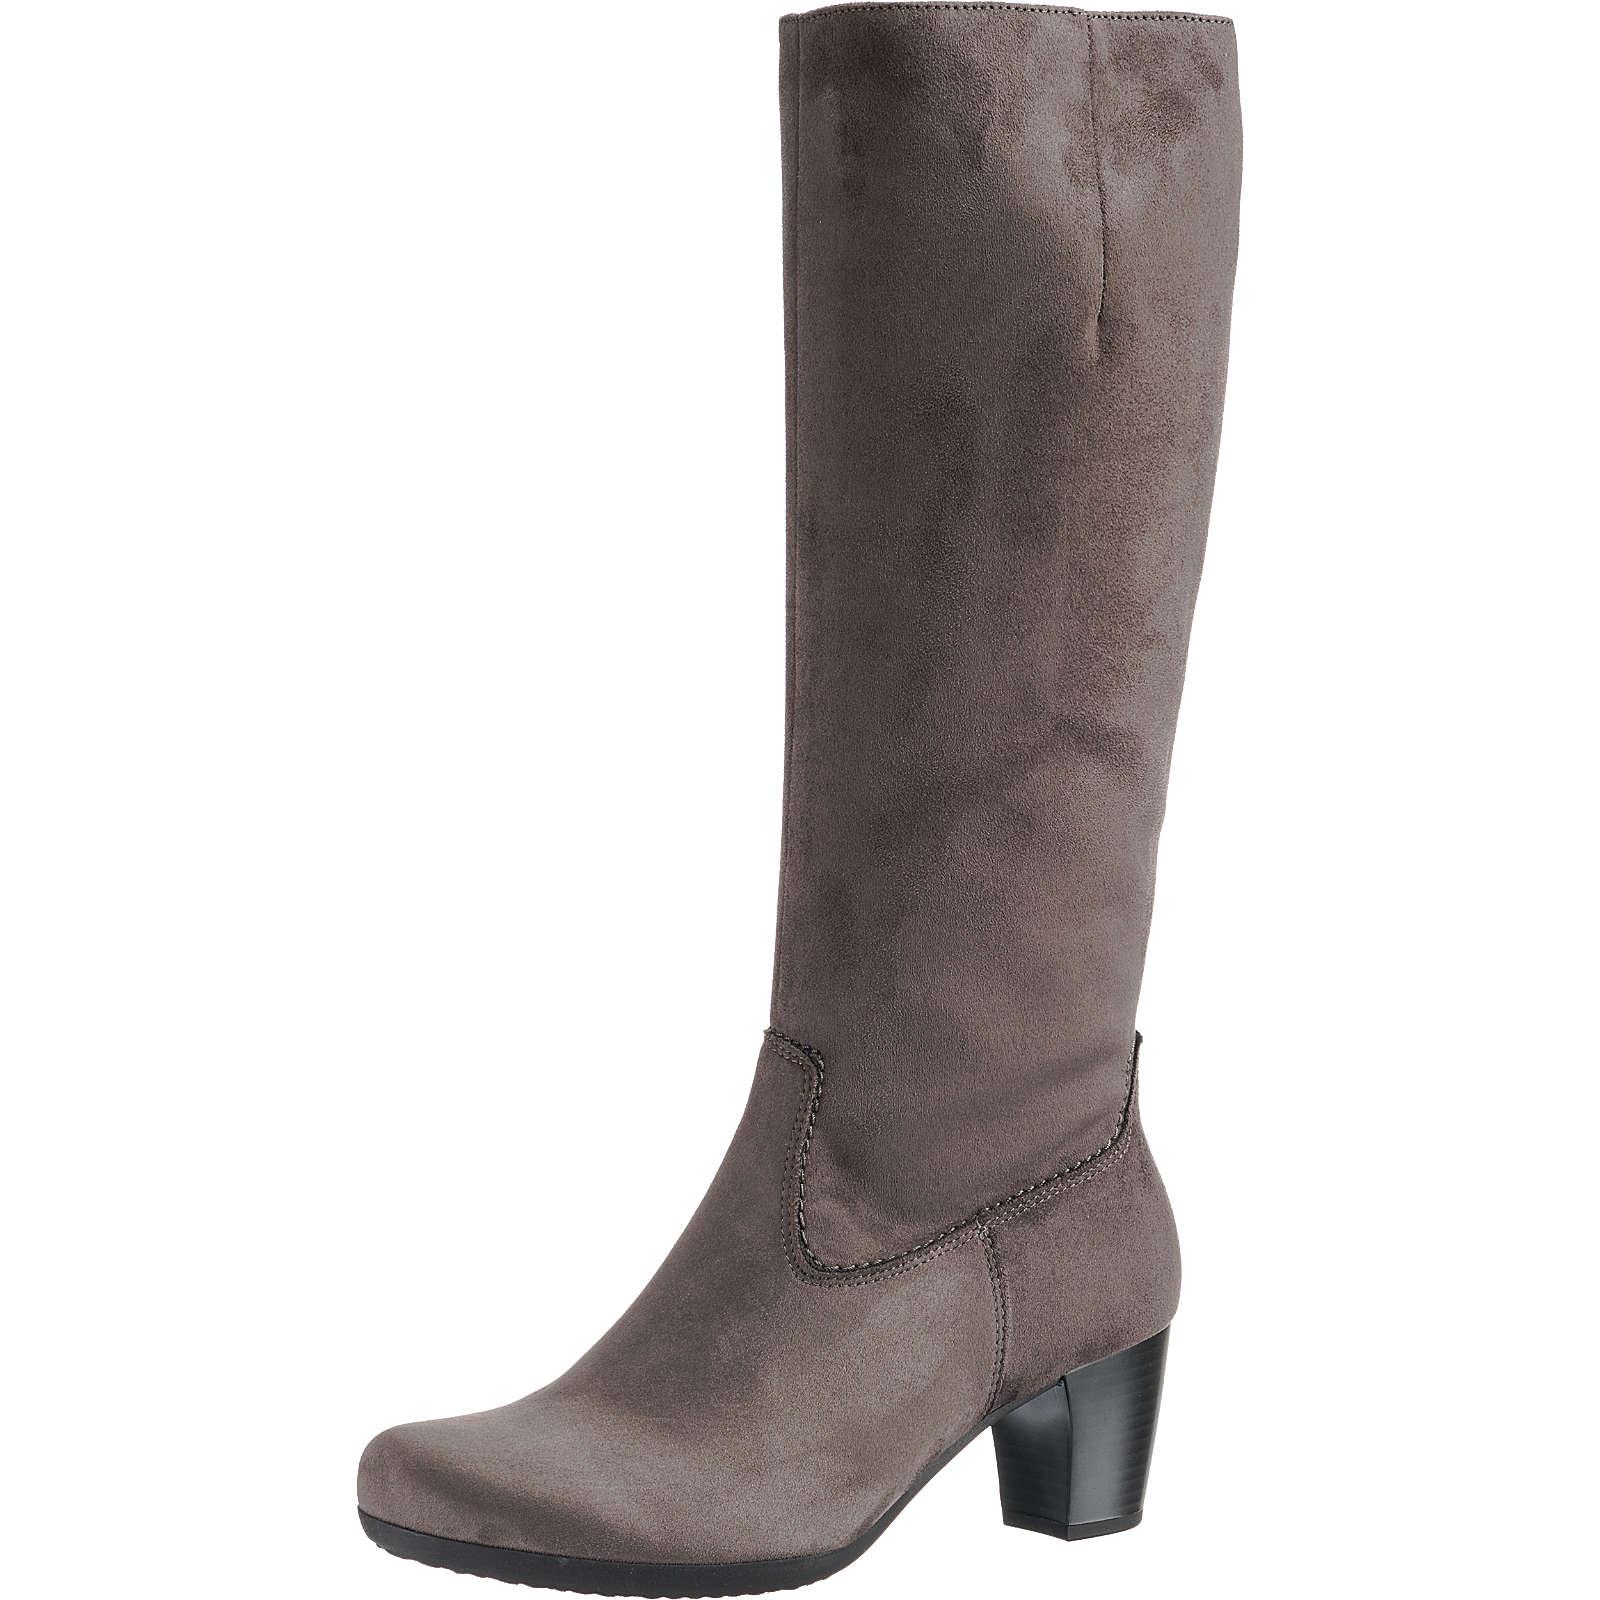 Gabor Klassische Stiefel grau Damen Gr. 38